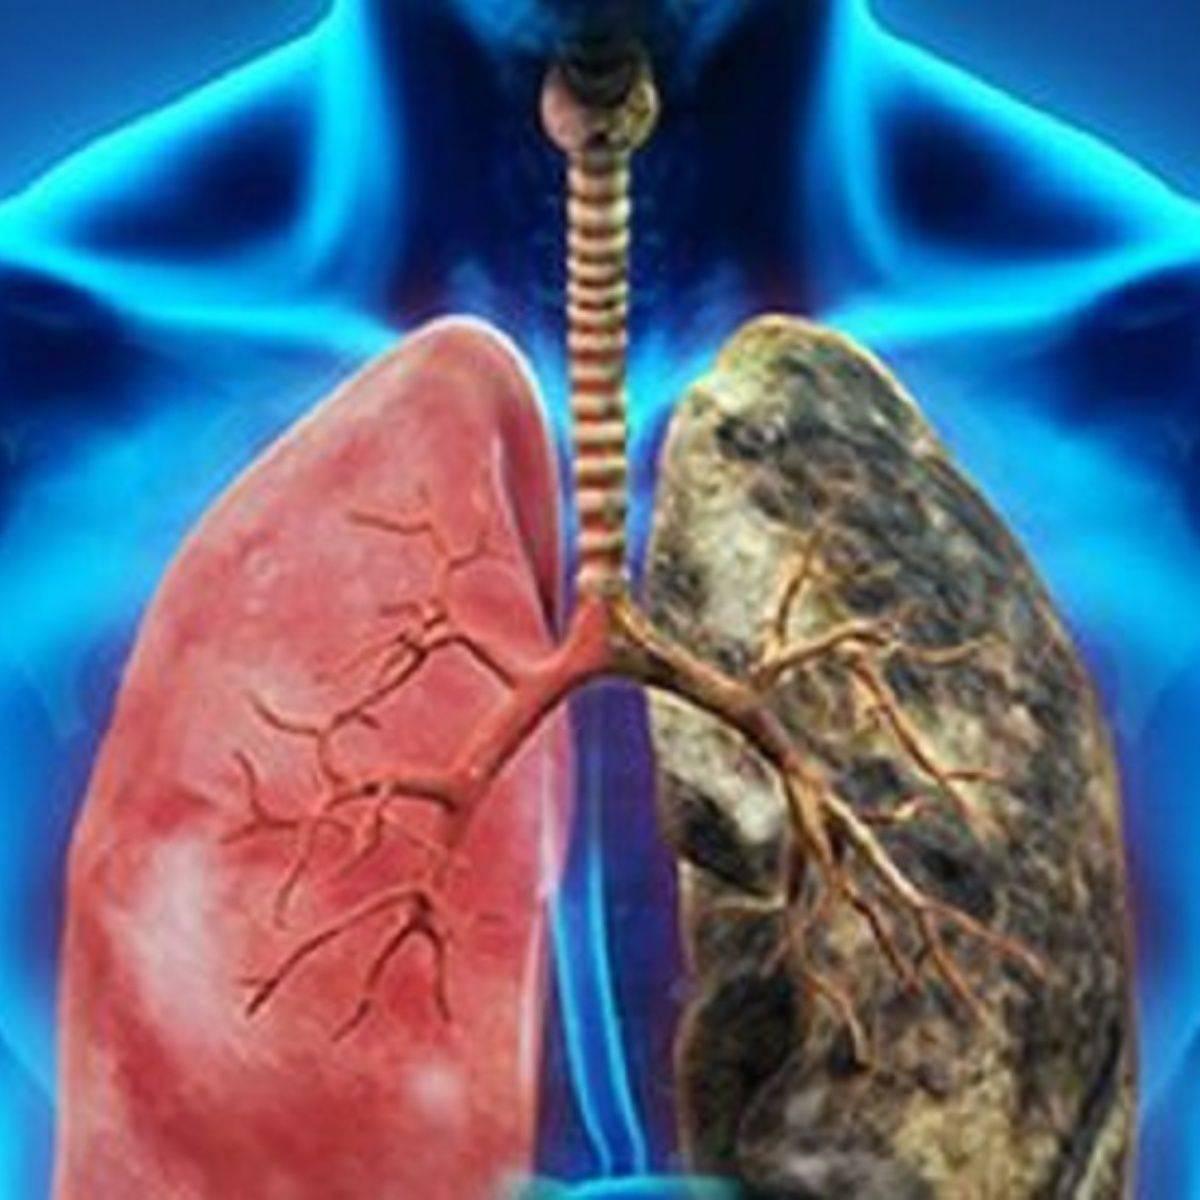 La Unión Europea ha registrado 273.400 muertes por cáncer de pulmón durante 2015.